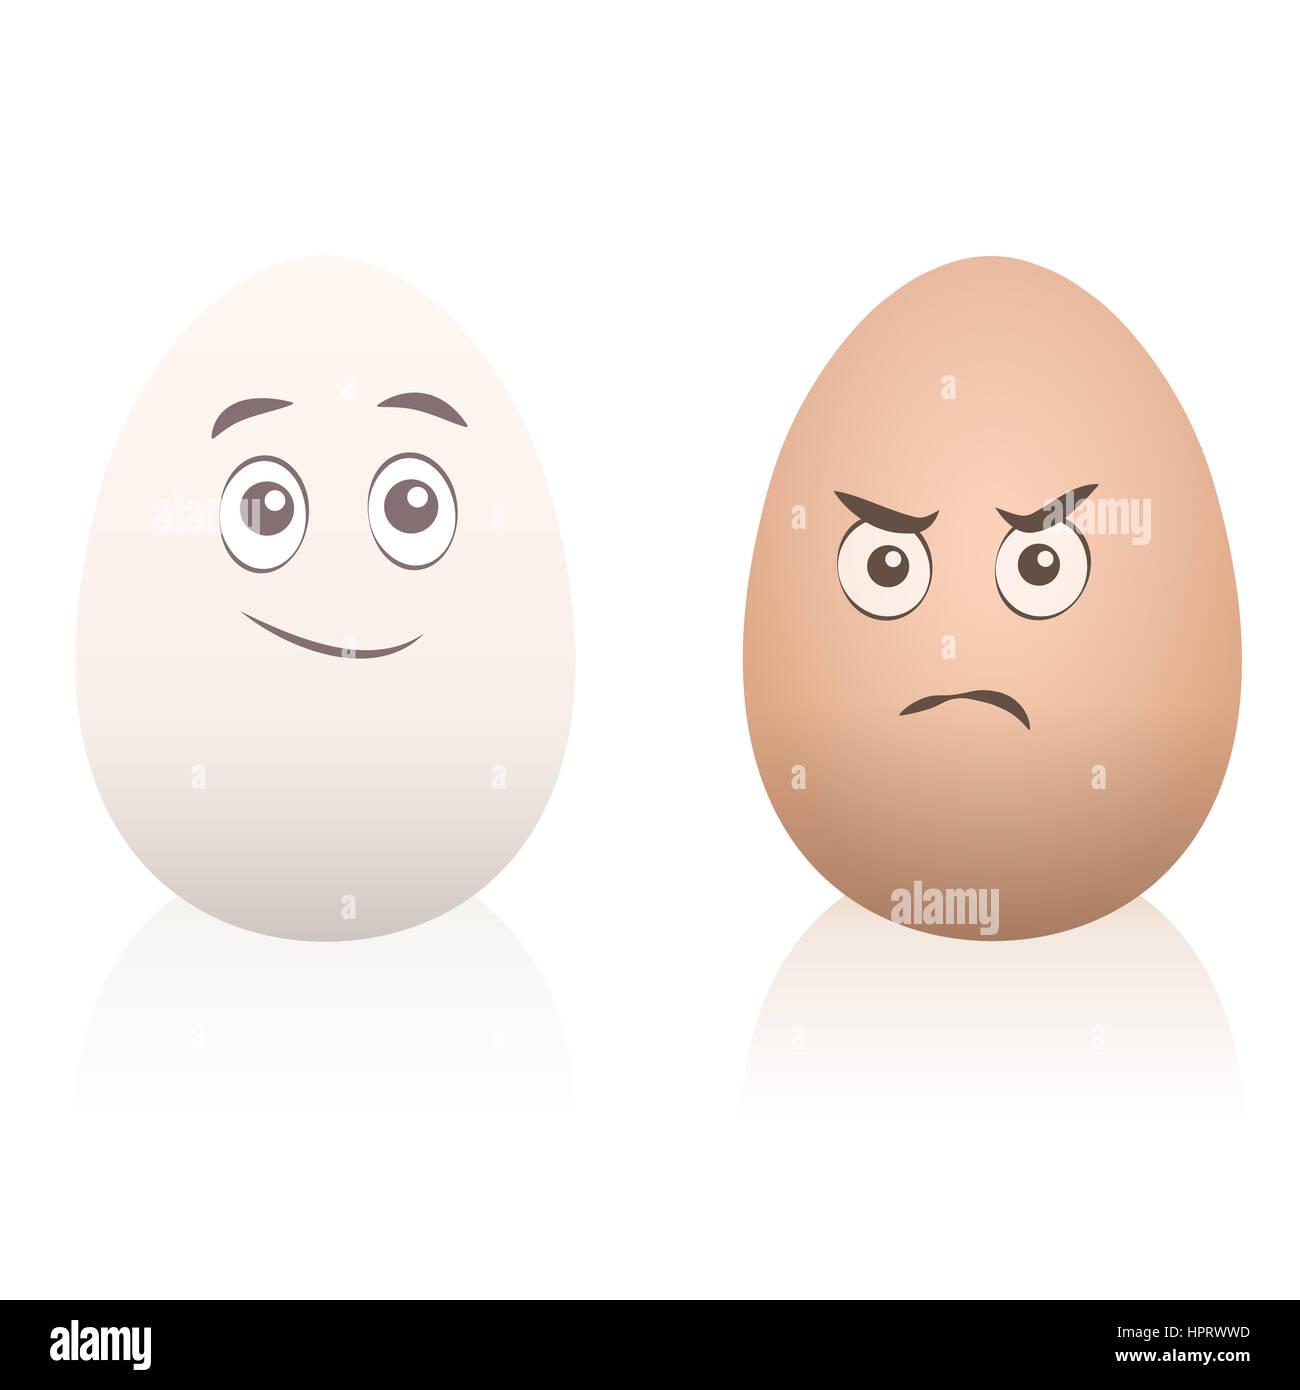 Face Happy Angry Sad Stock Photos & Face Happy Angry Sad